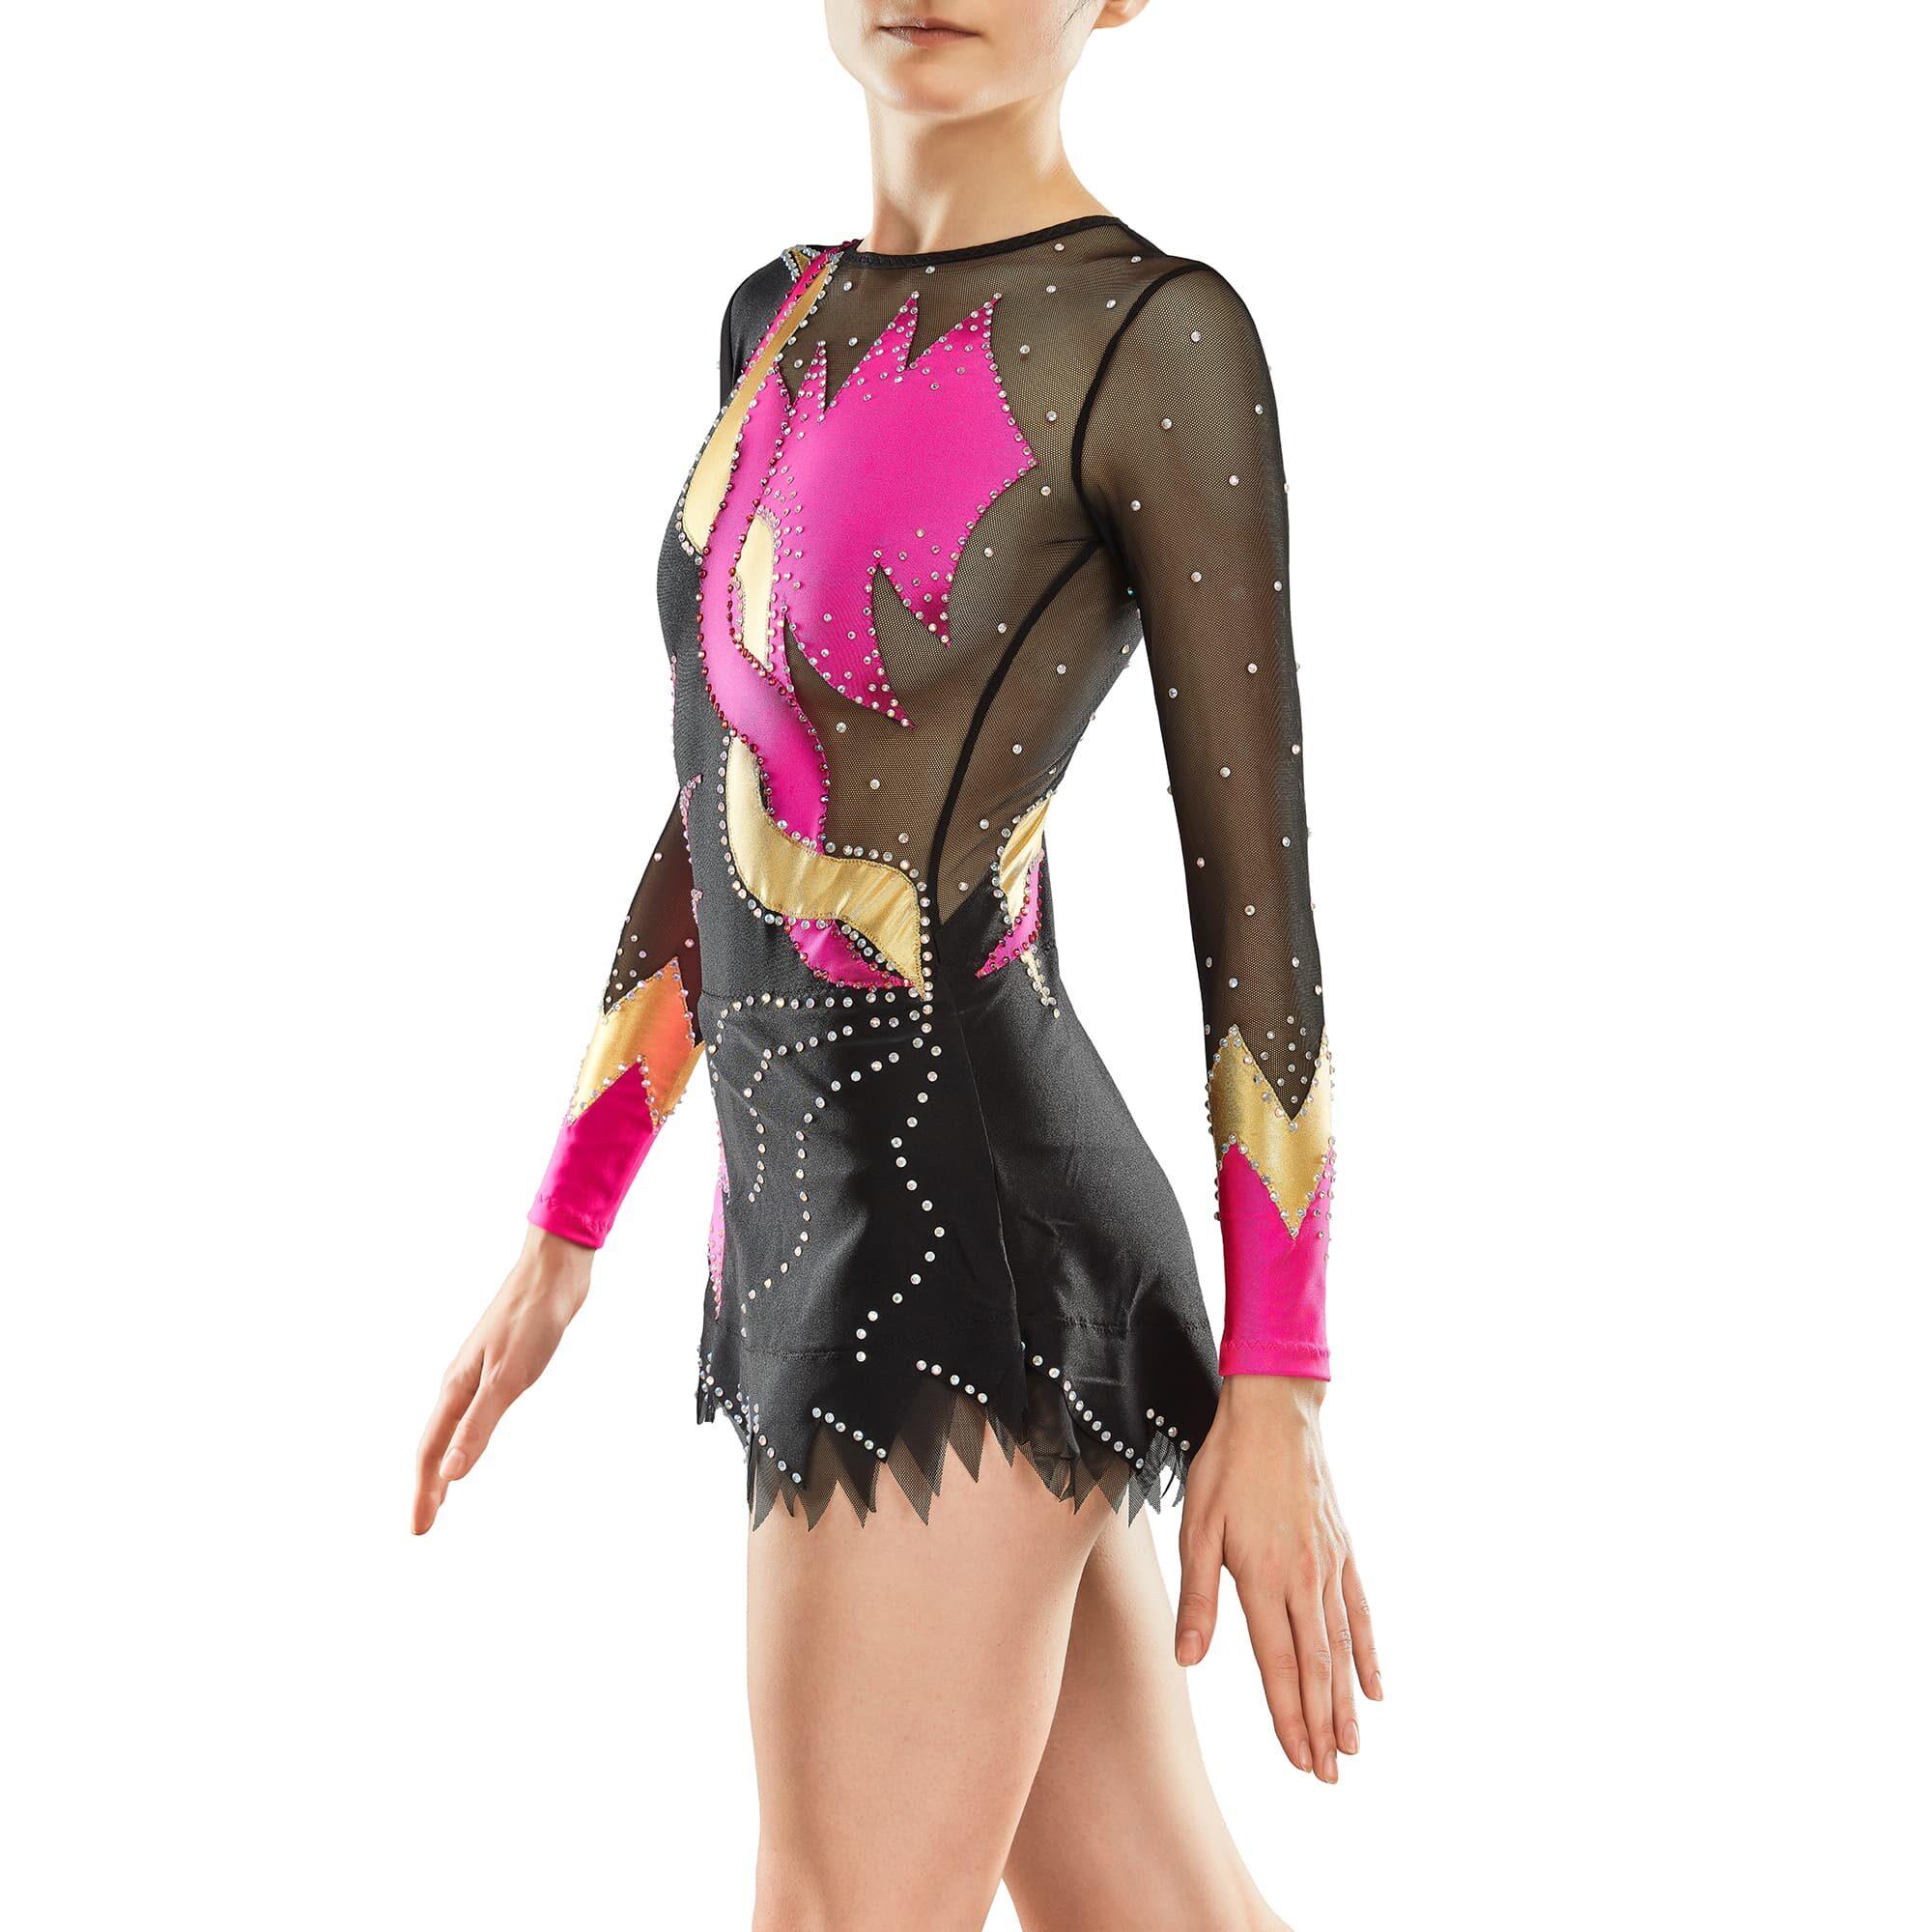 Fuchsia, black, gold, black mesh Rhythmic Gymnastics Leotard 82 for competitions